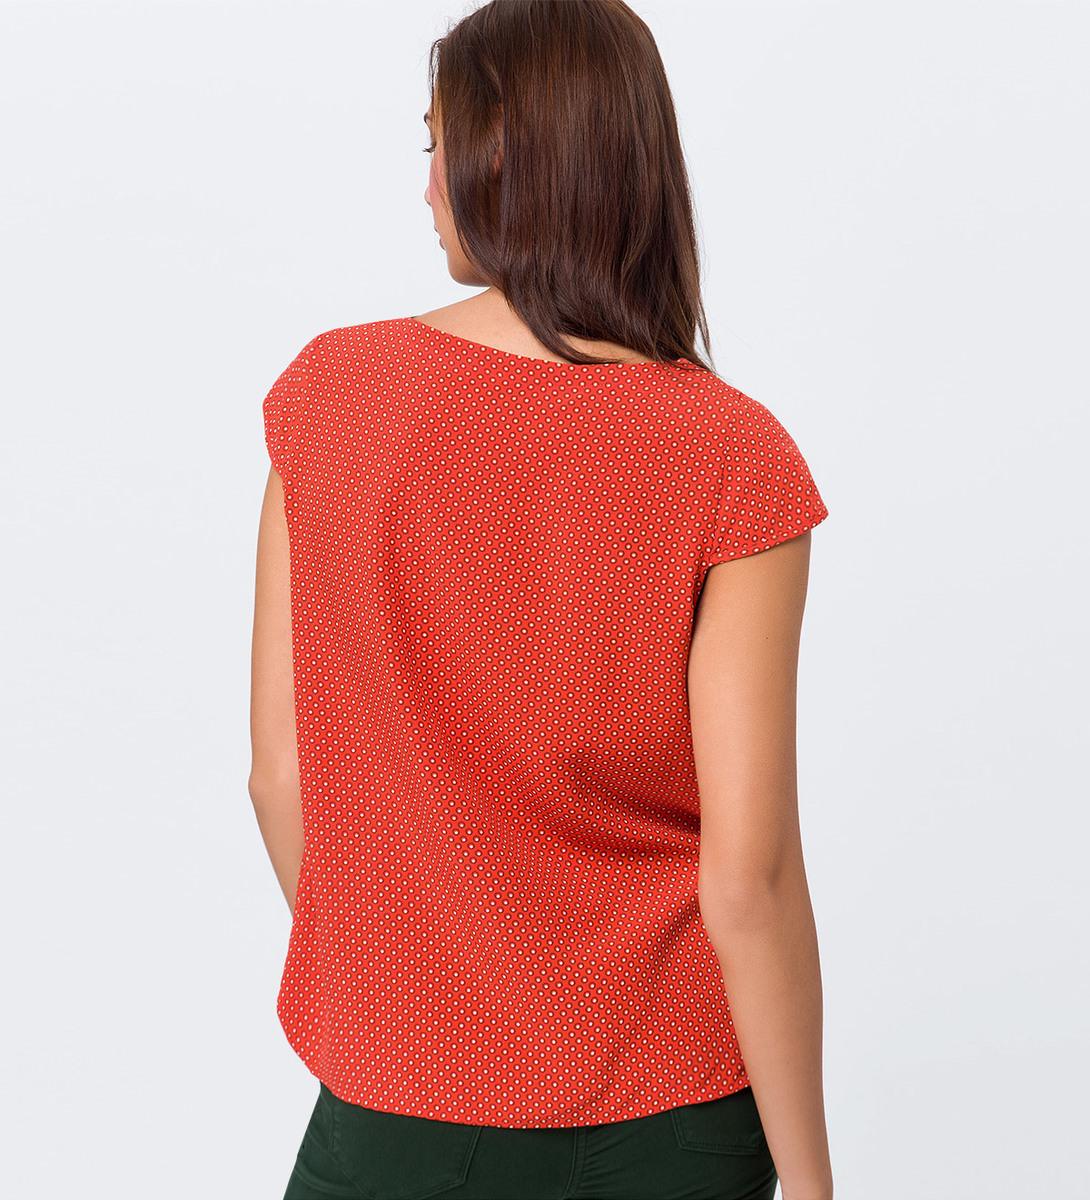 Bluse mit Flügelärmeln in orange red